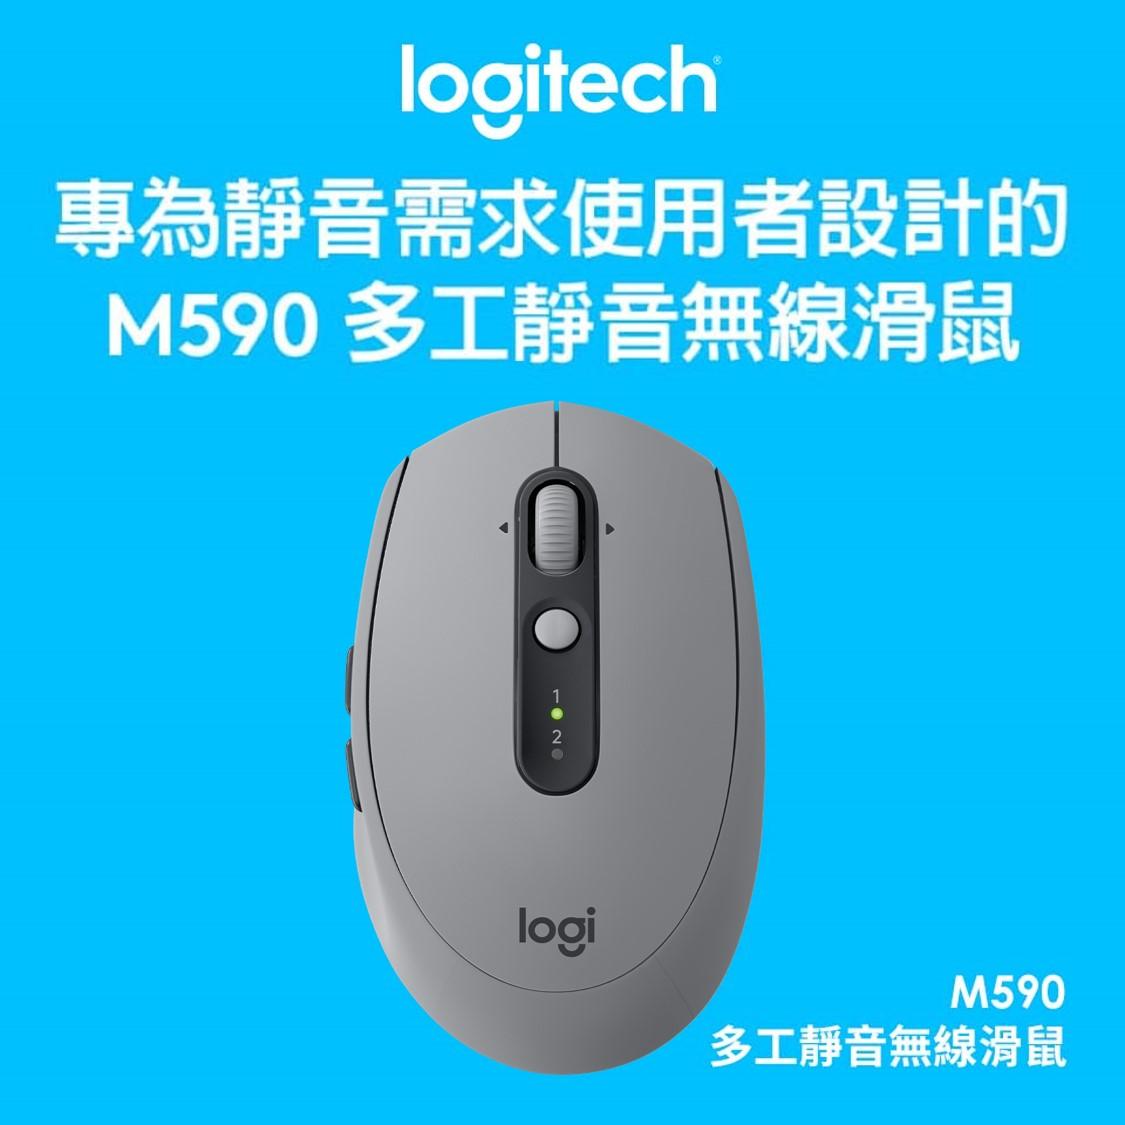 羅技M590多工靜音無線滑鼠-石板灰(910-005201)